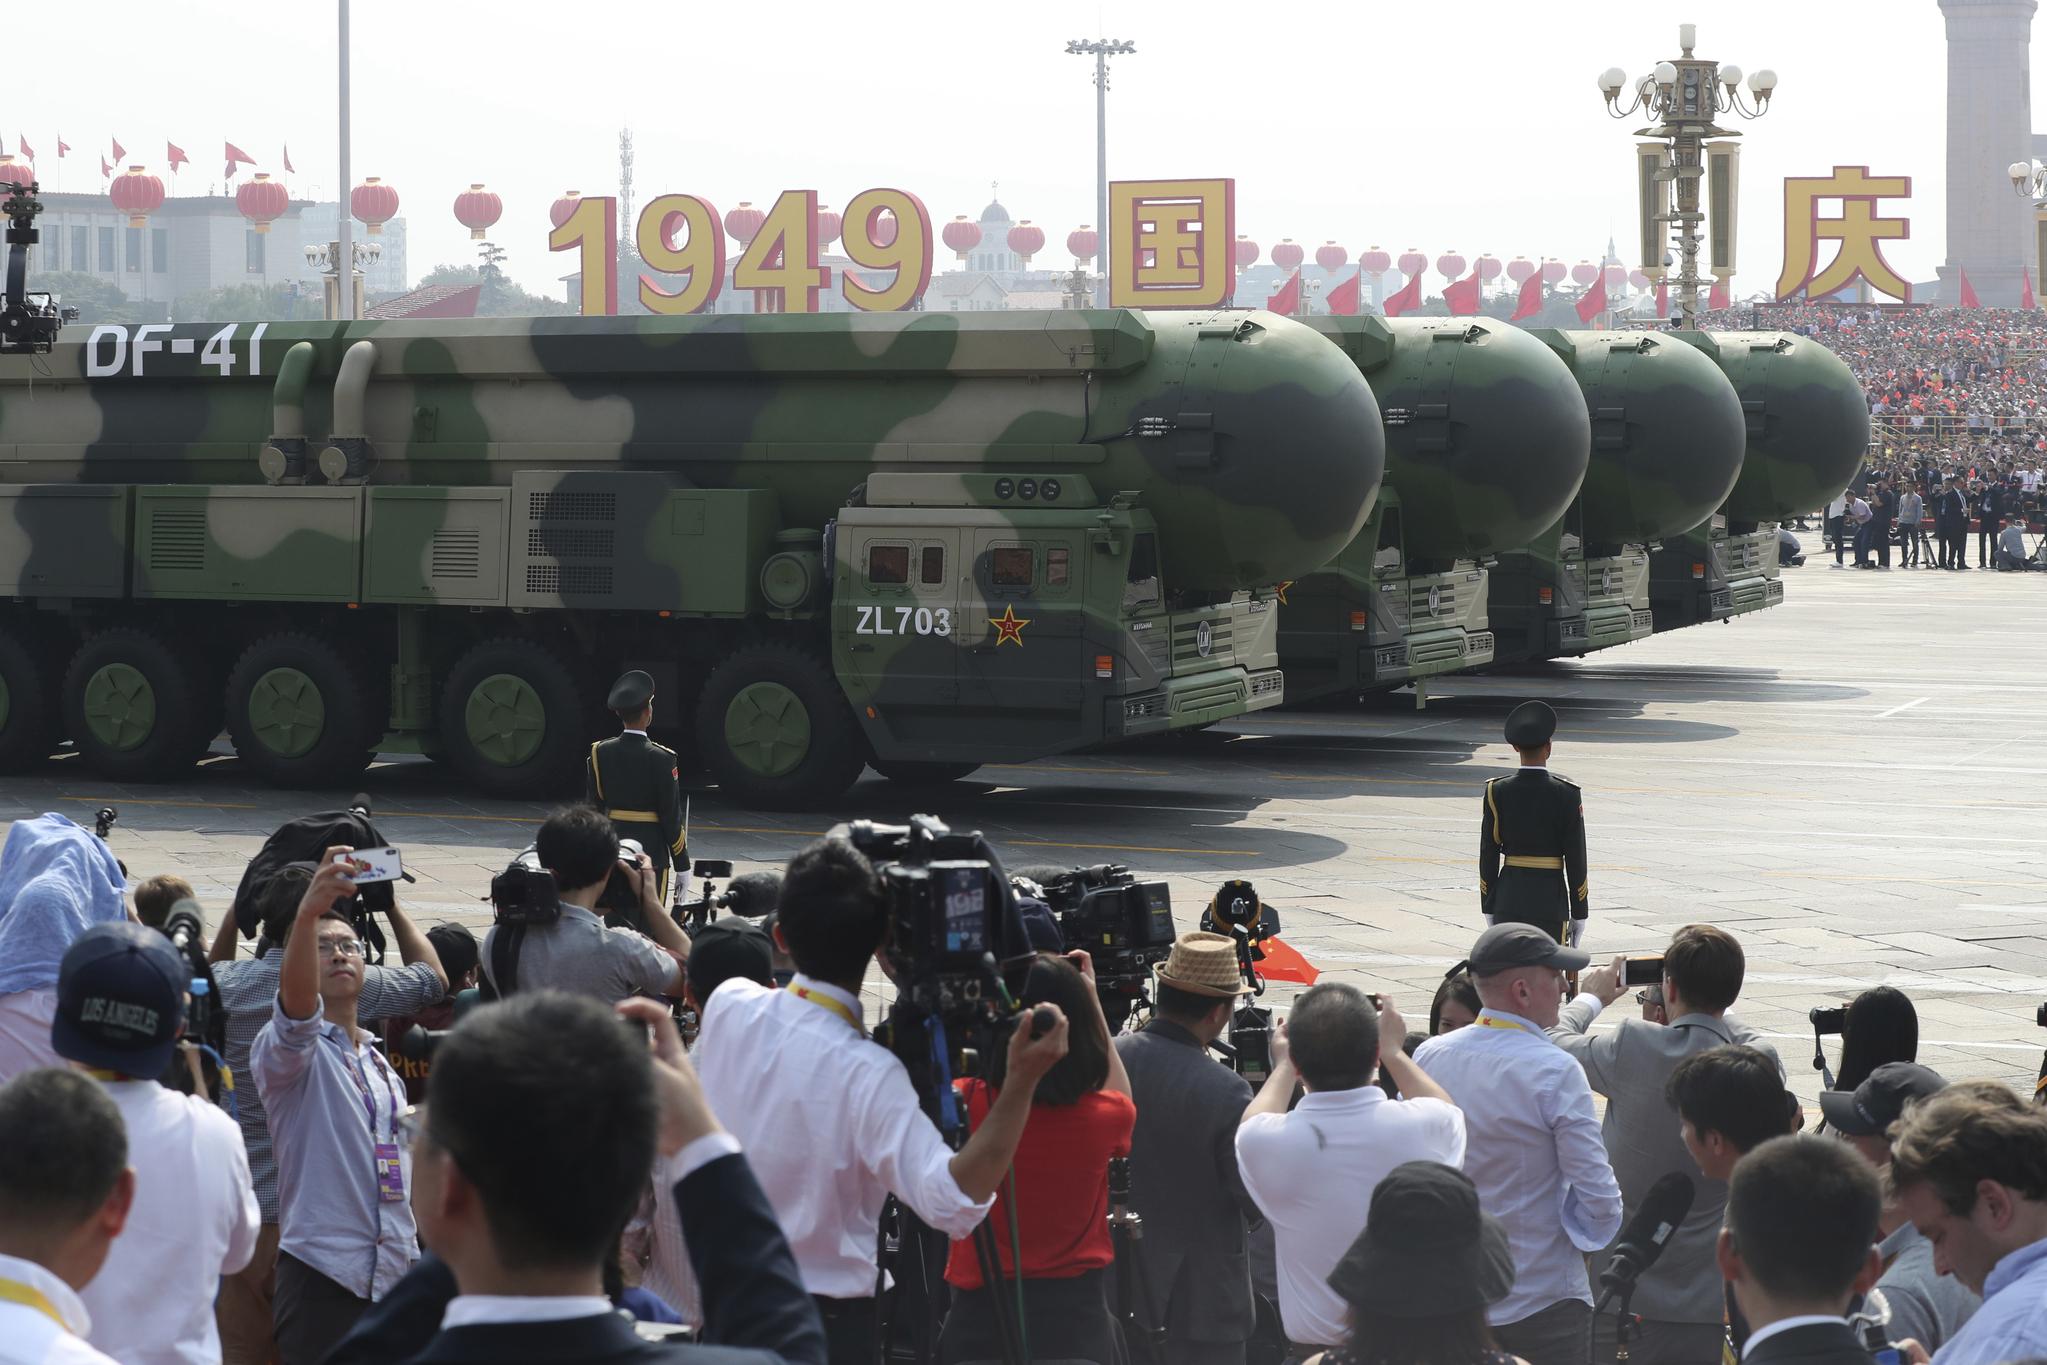 중국 베이징 톈안먼 광장에서 1일 열린 신중국 70주년 기념 열병식에 둥펑-41 대륙간탄도미사일(ICBM)이 선보이고 있다.[AP=연합뉴스]